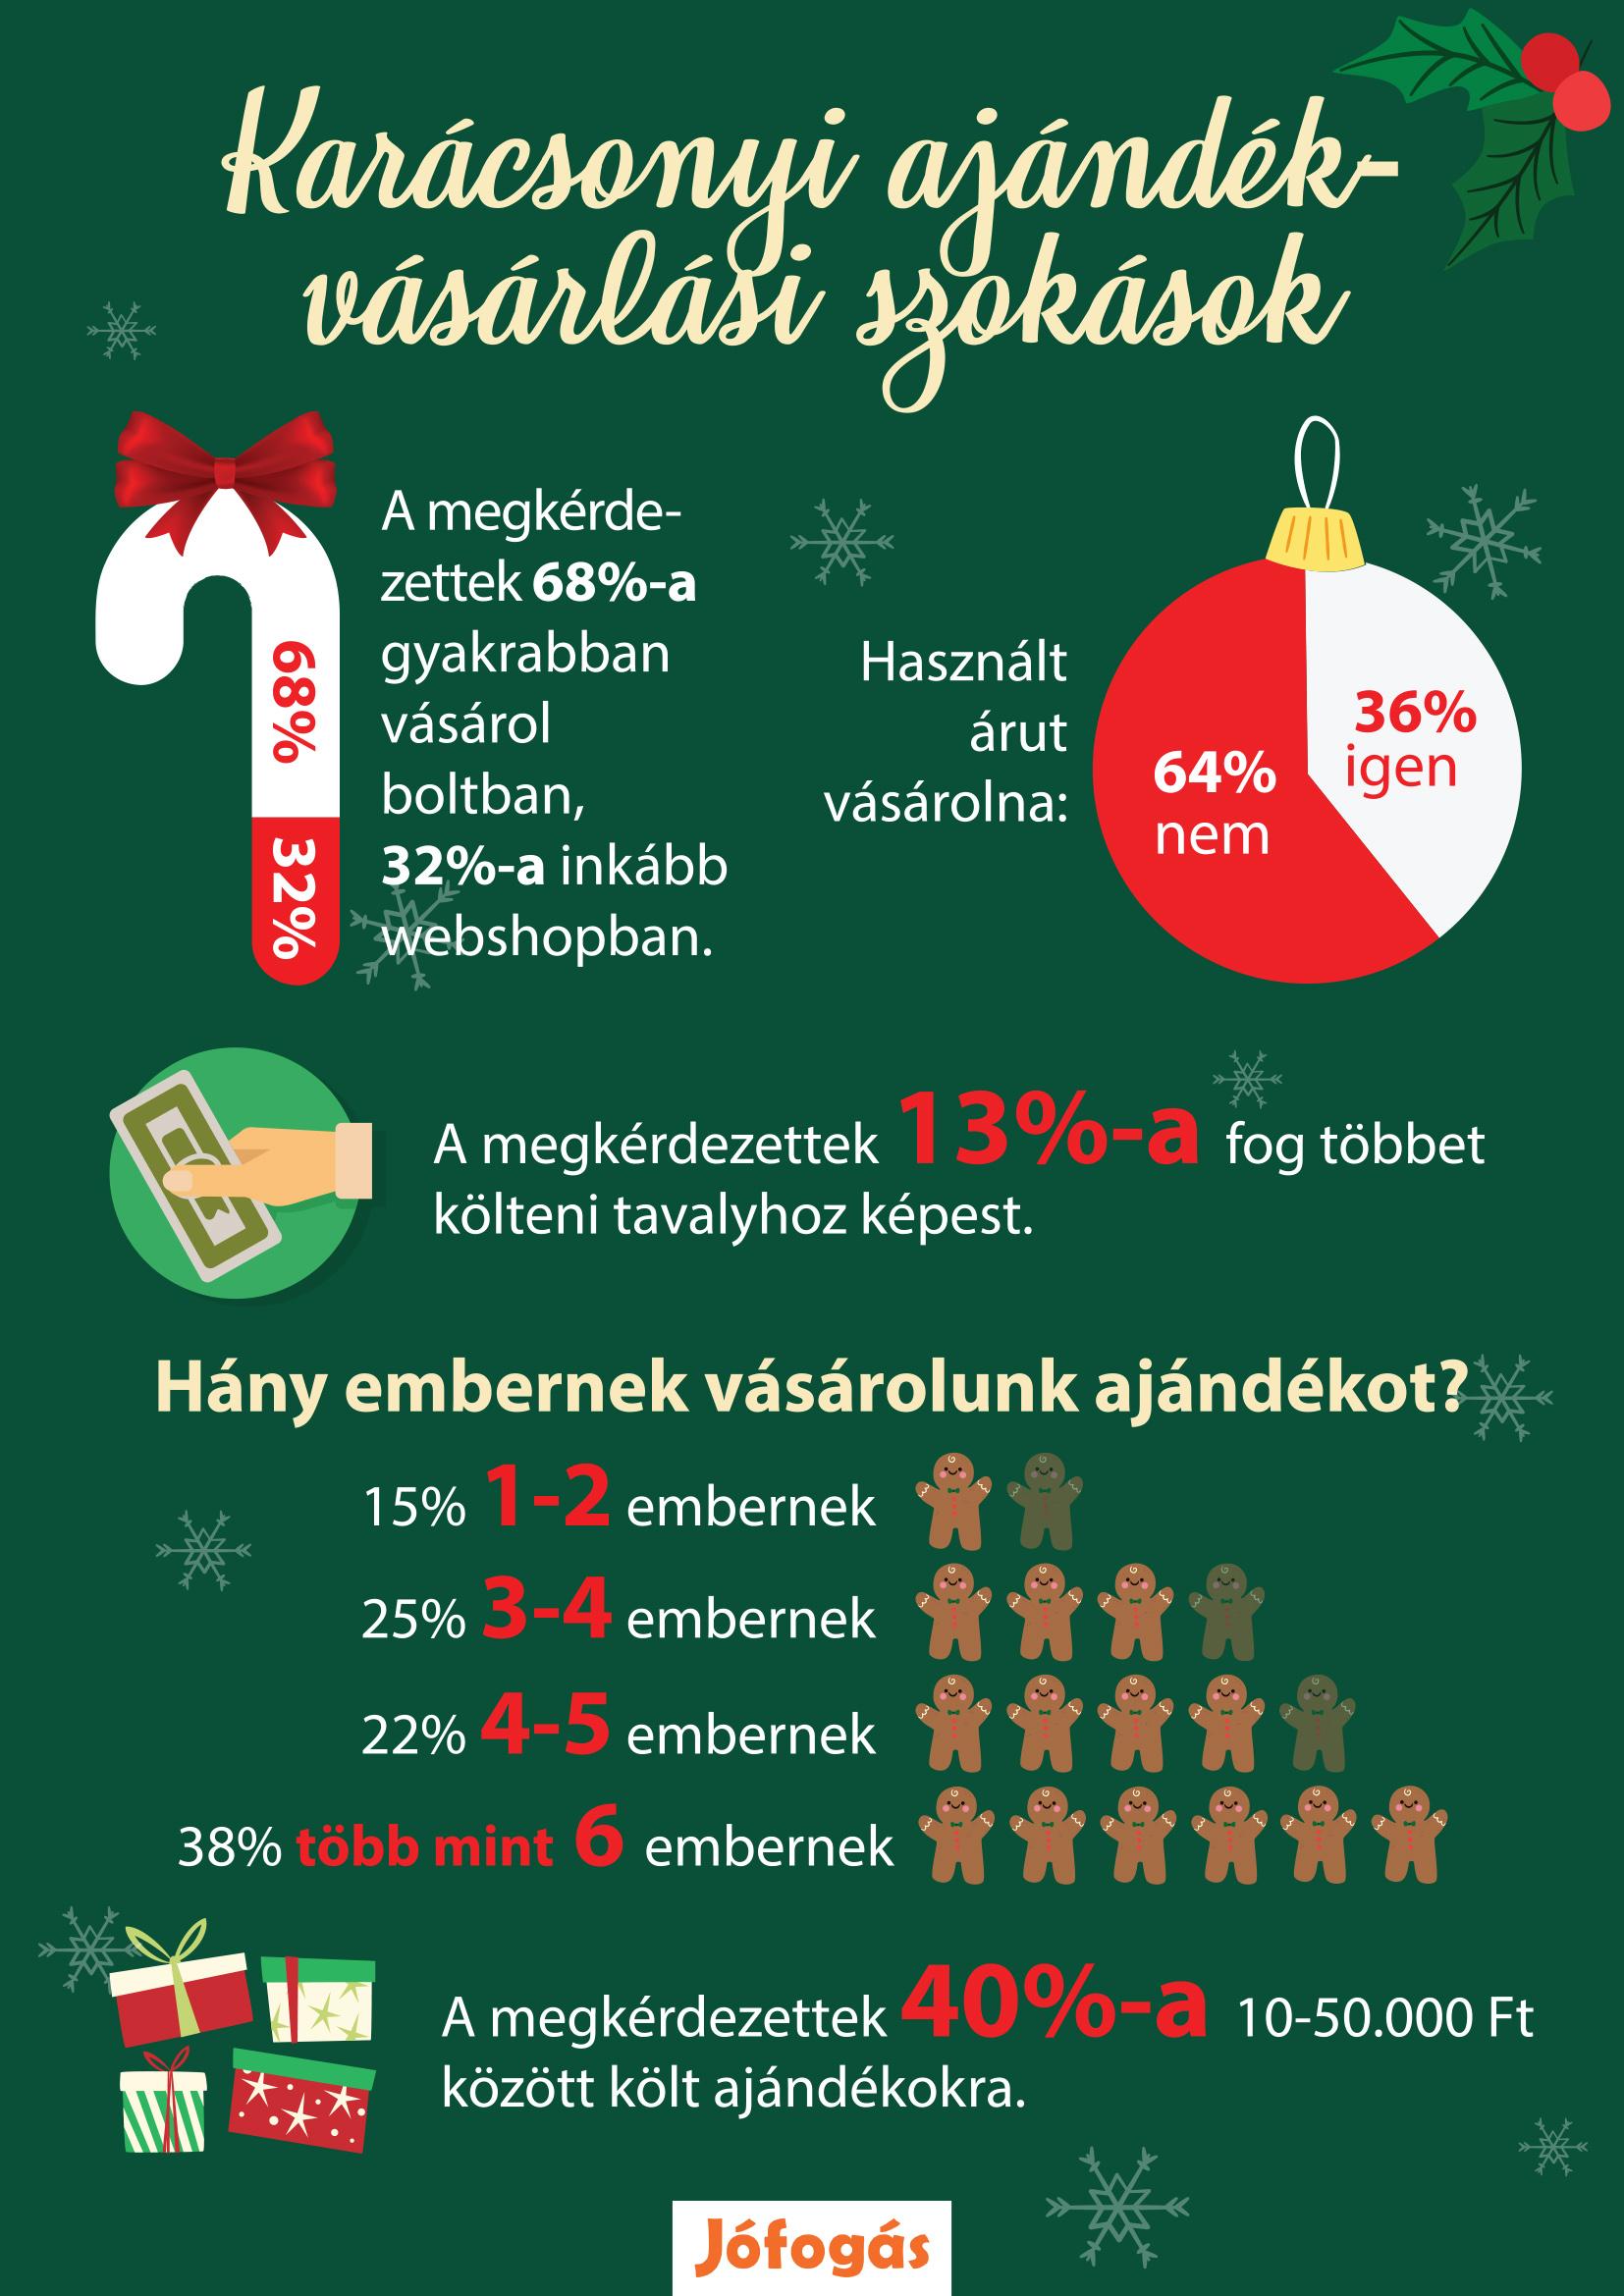 Karácsonyi vásárlás: többségben a spórolók, kisebbségben a halogatók